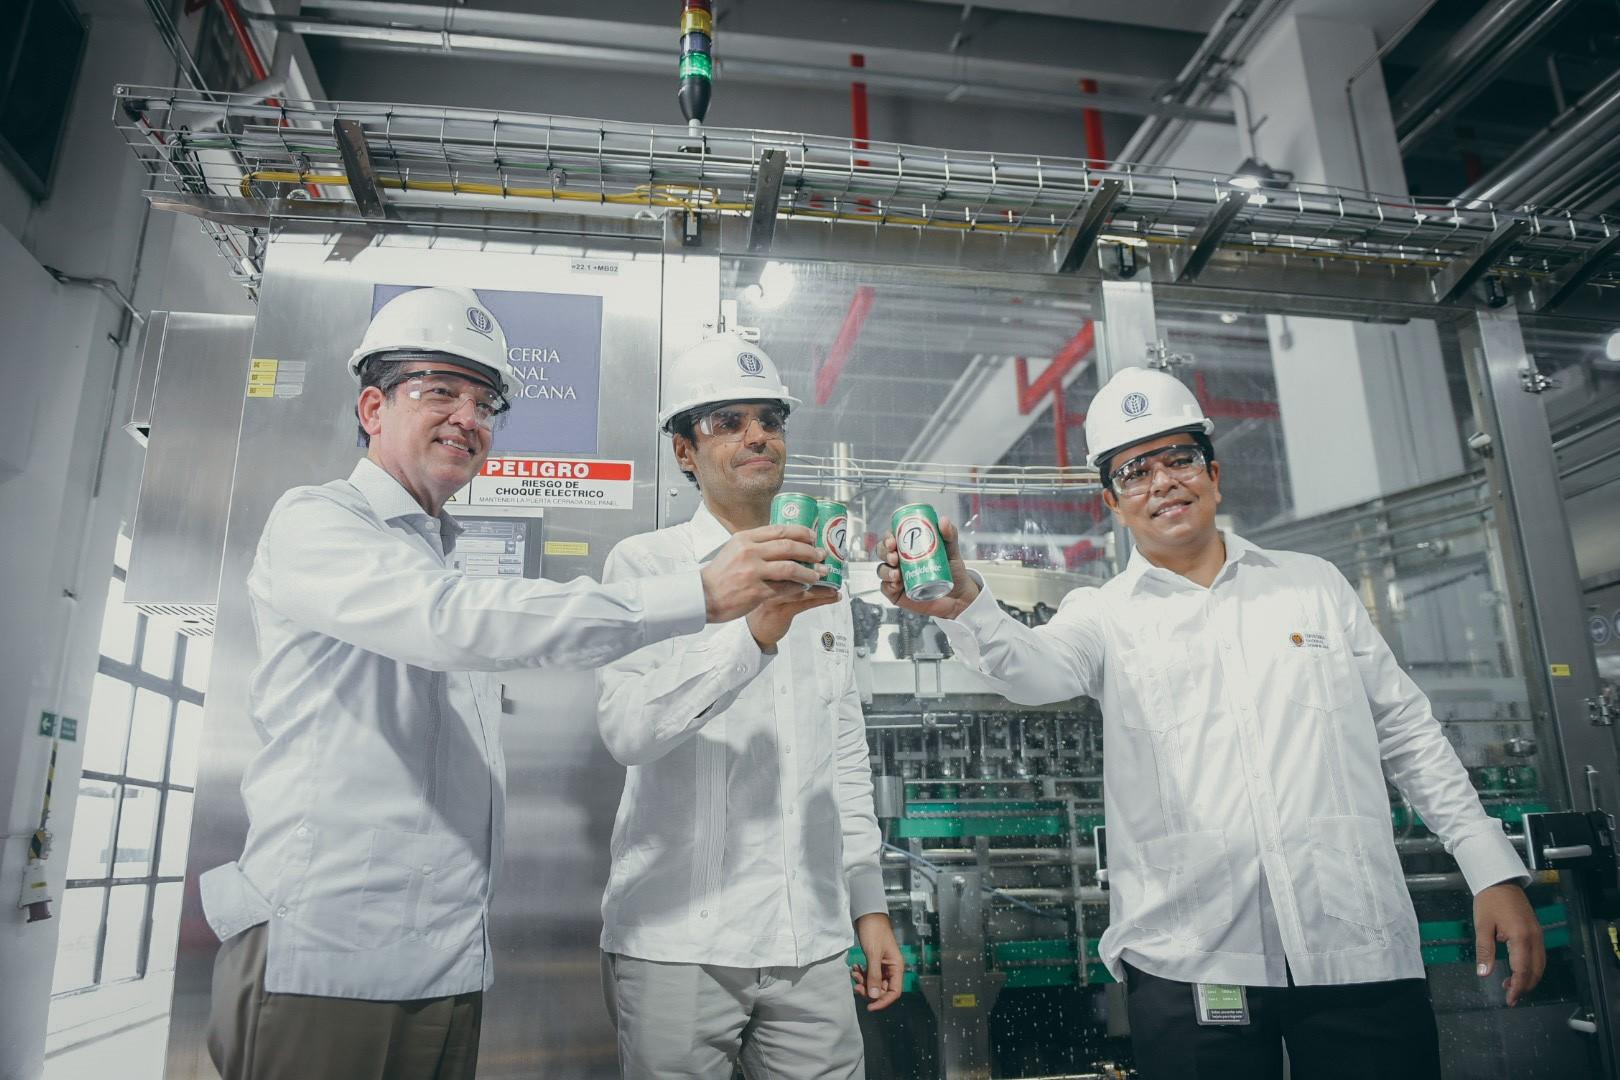 Cervecería presenta nueva línea de latas